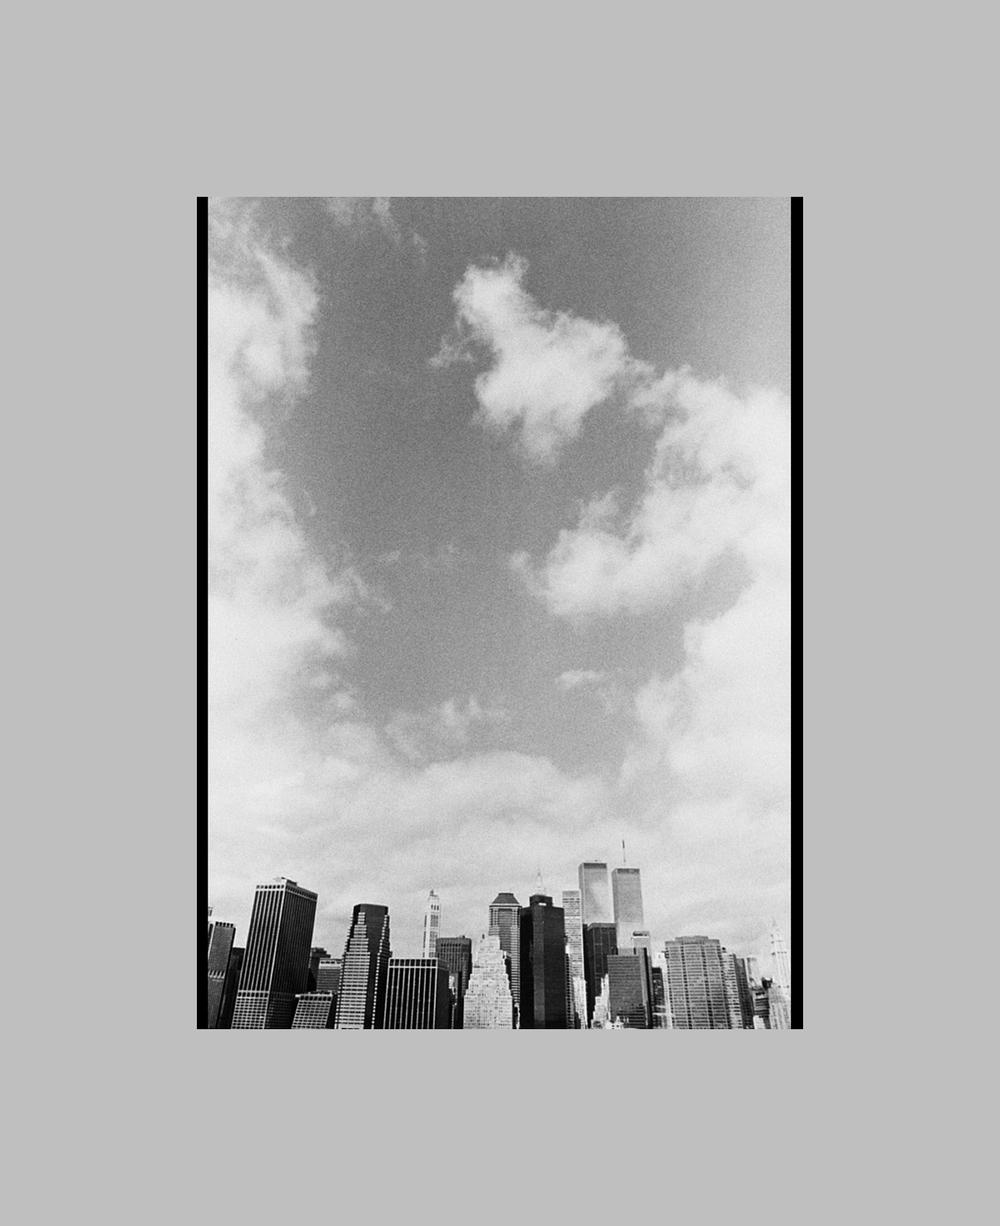 New York, September 08, 2001